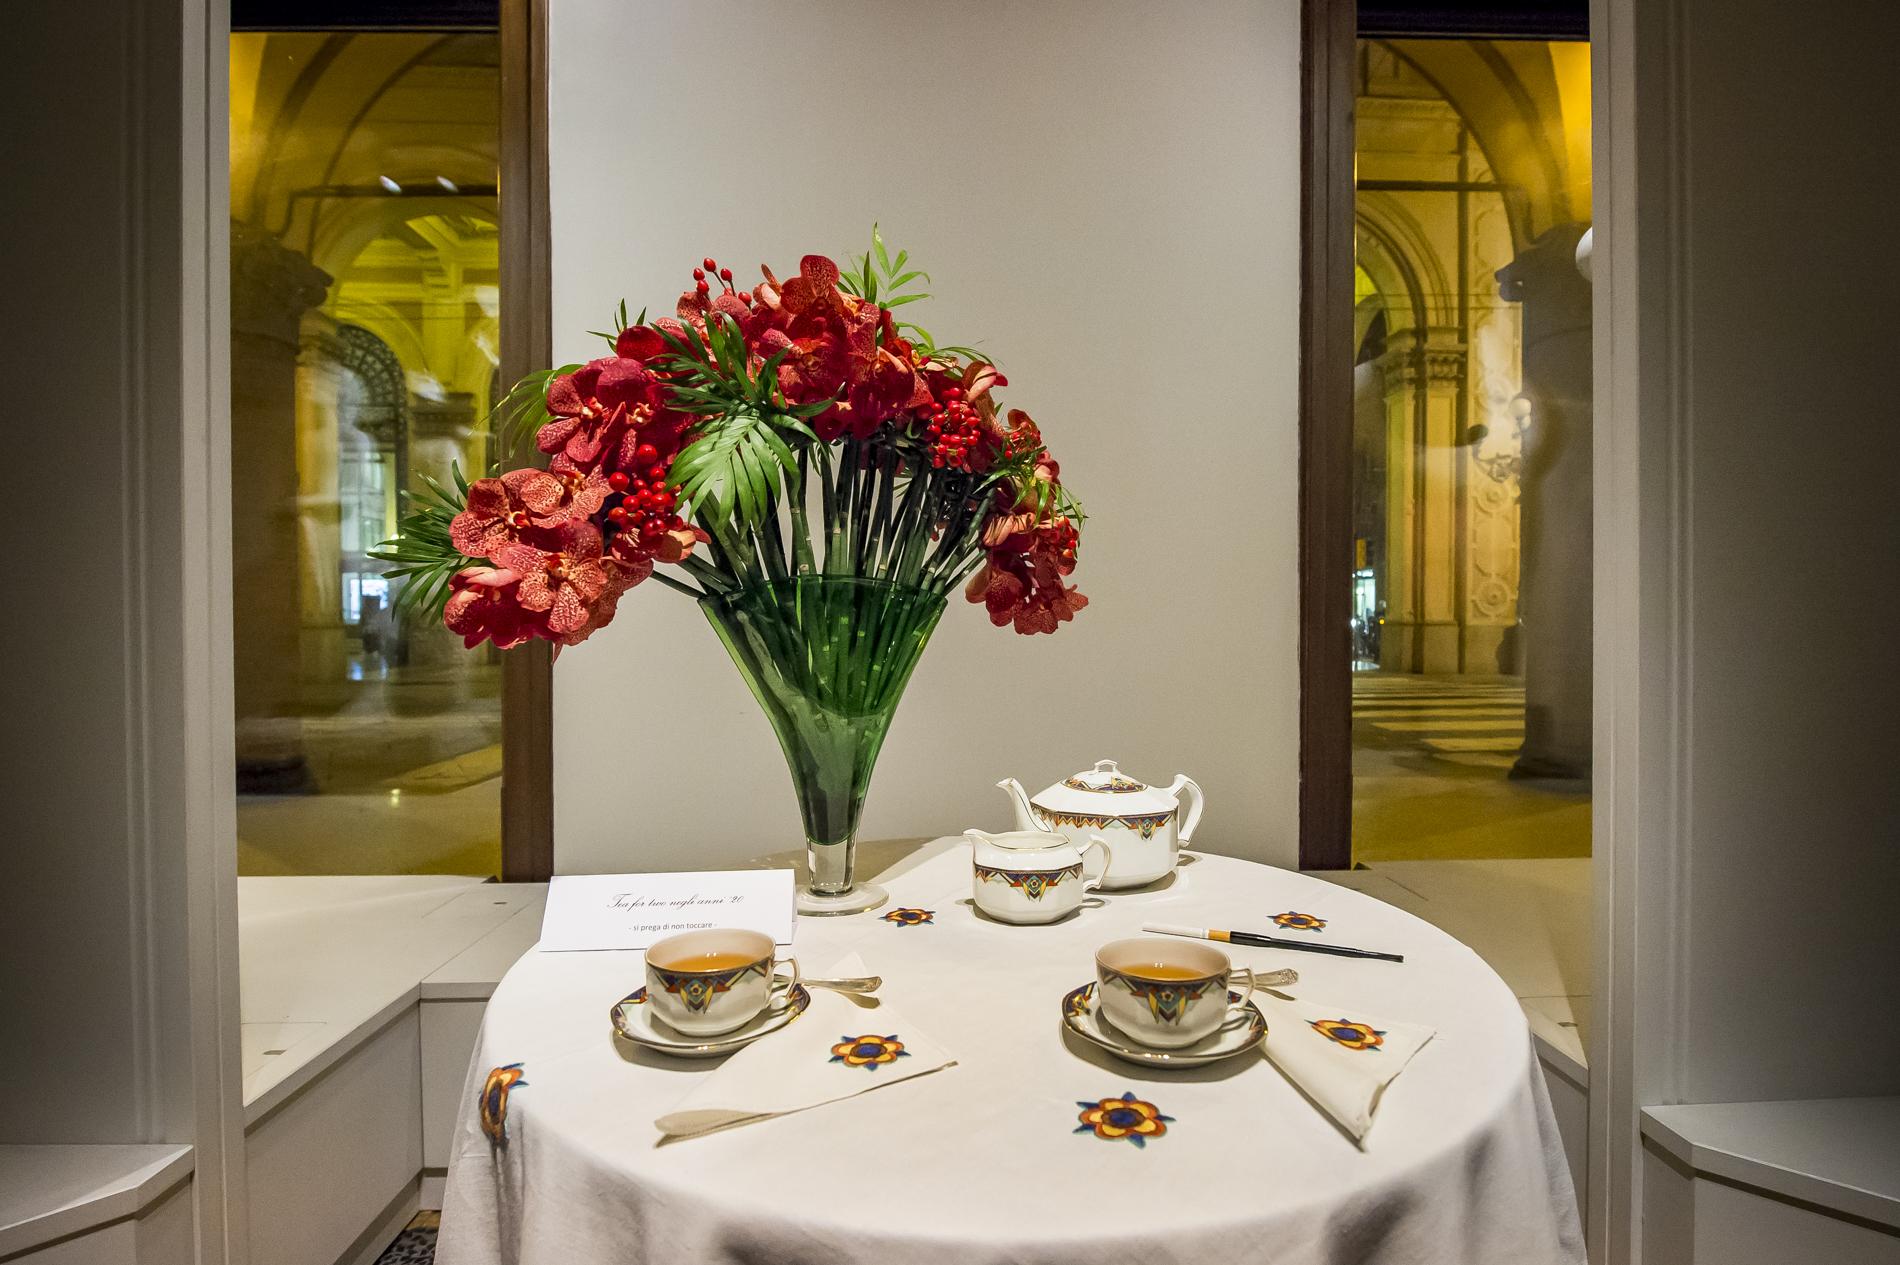 Tea for two negli anni '20 - Fiori in tavola attraverso i secoli, 2014